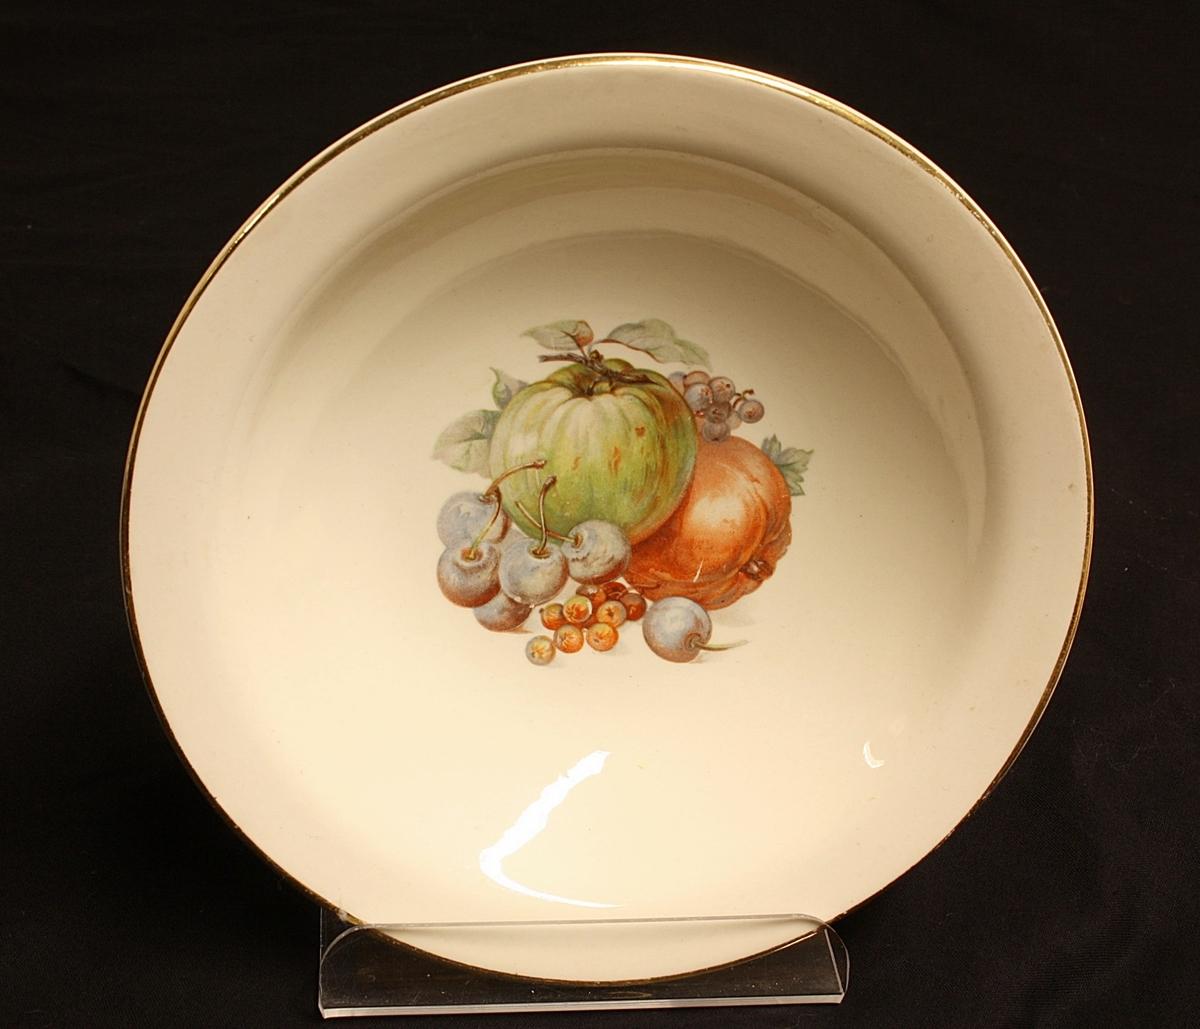 Fruktdekor. 1: ananas, plomme,bjørnebær 2: pærer,druer, 3: eple,moreller,rips, solbær